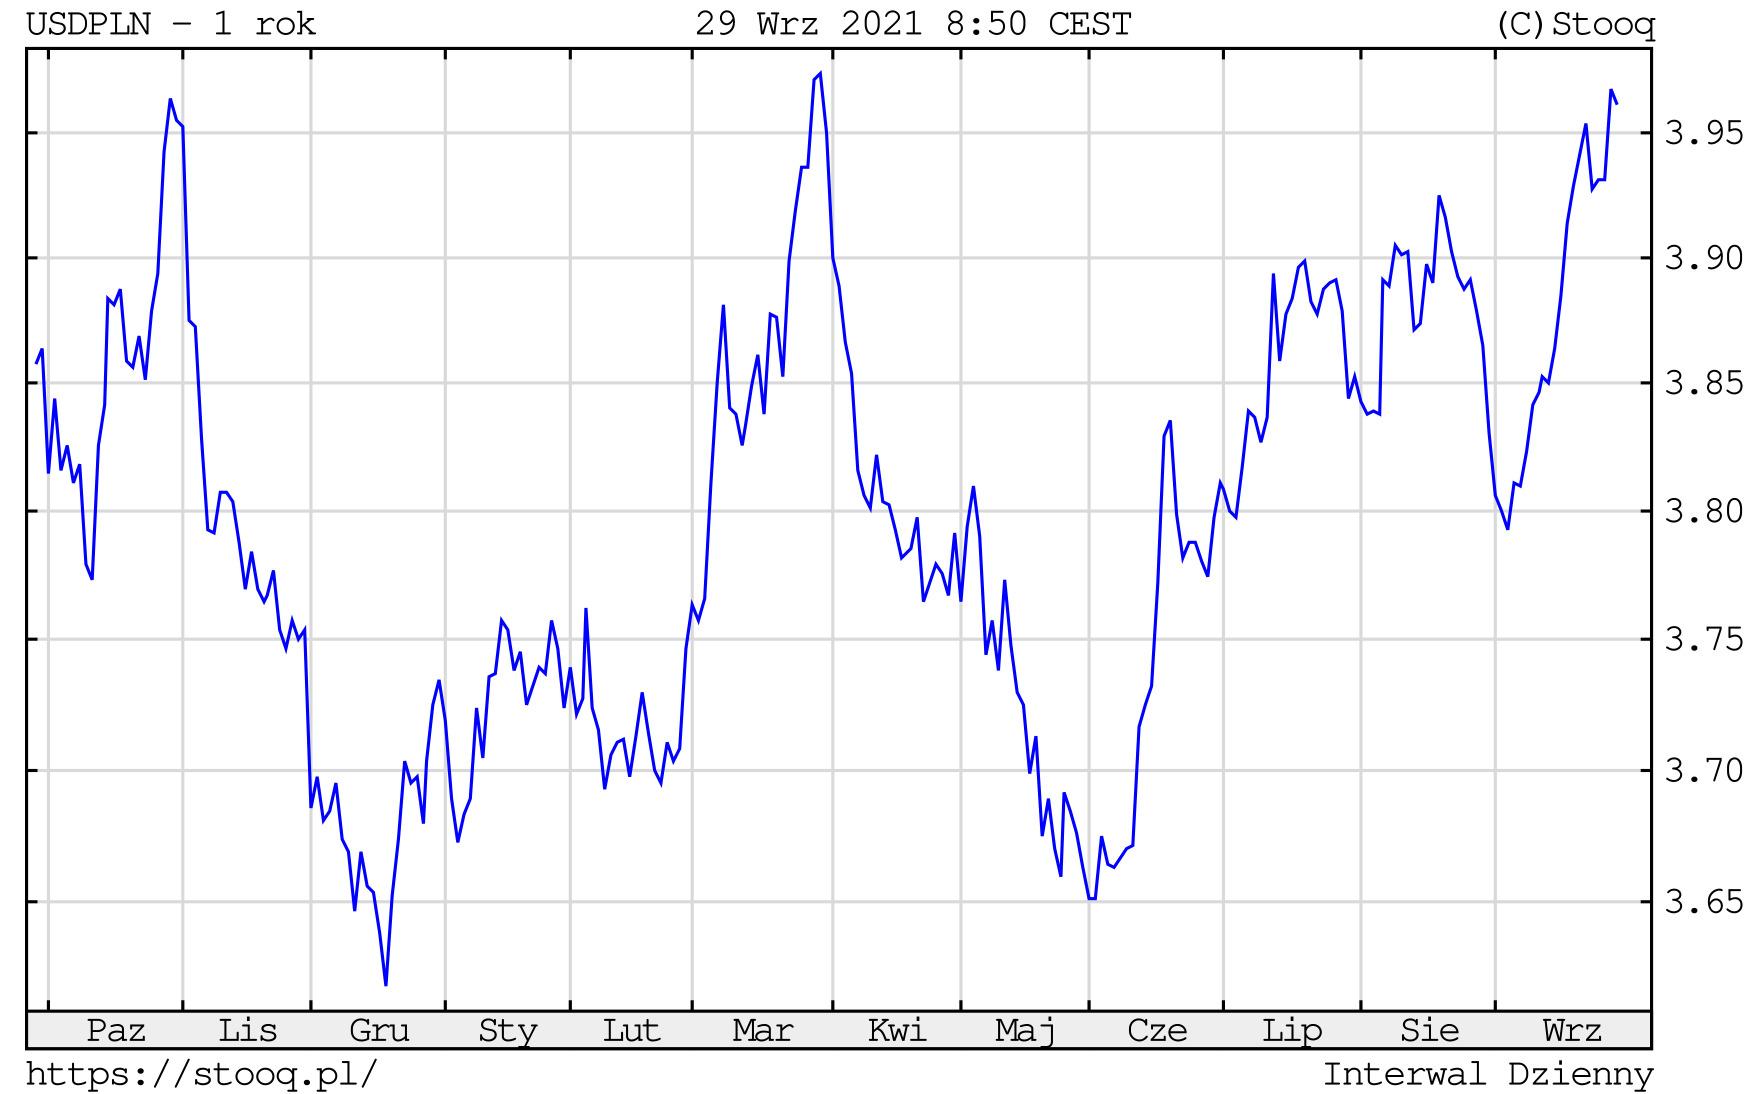 Kurs dolara w środę, 29 września 2021 roku. Notowania USD/PLN na wykresie dziennym